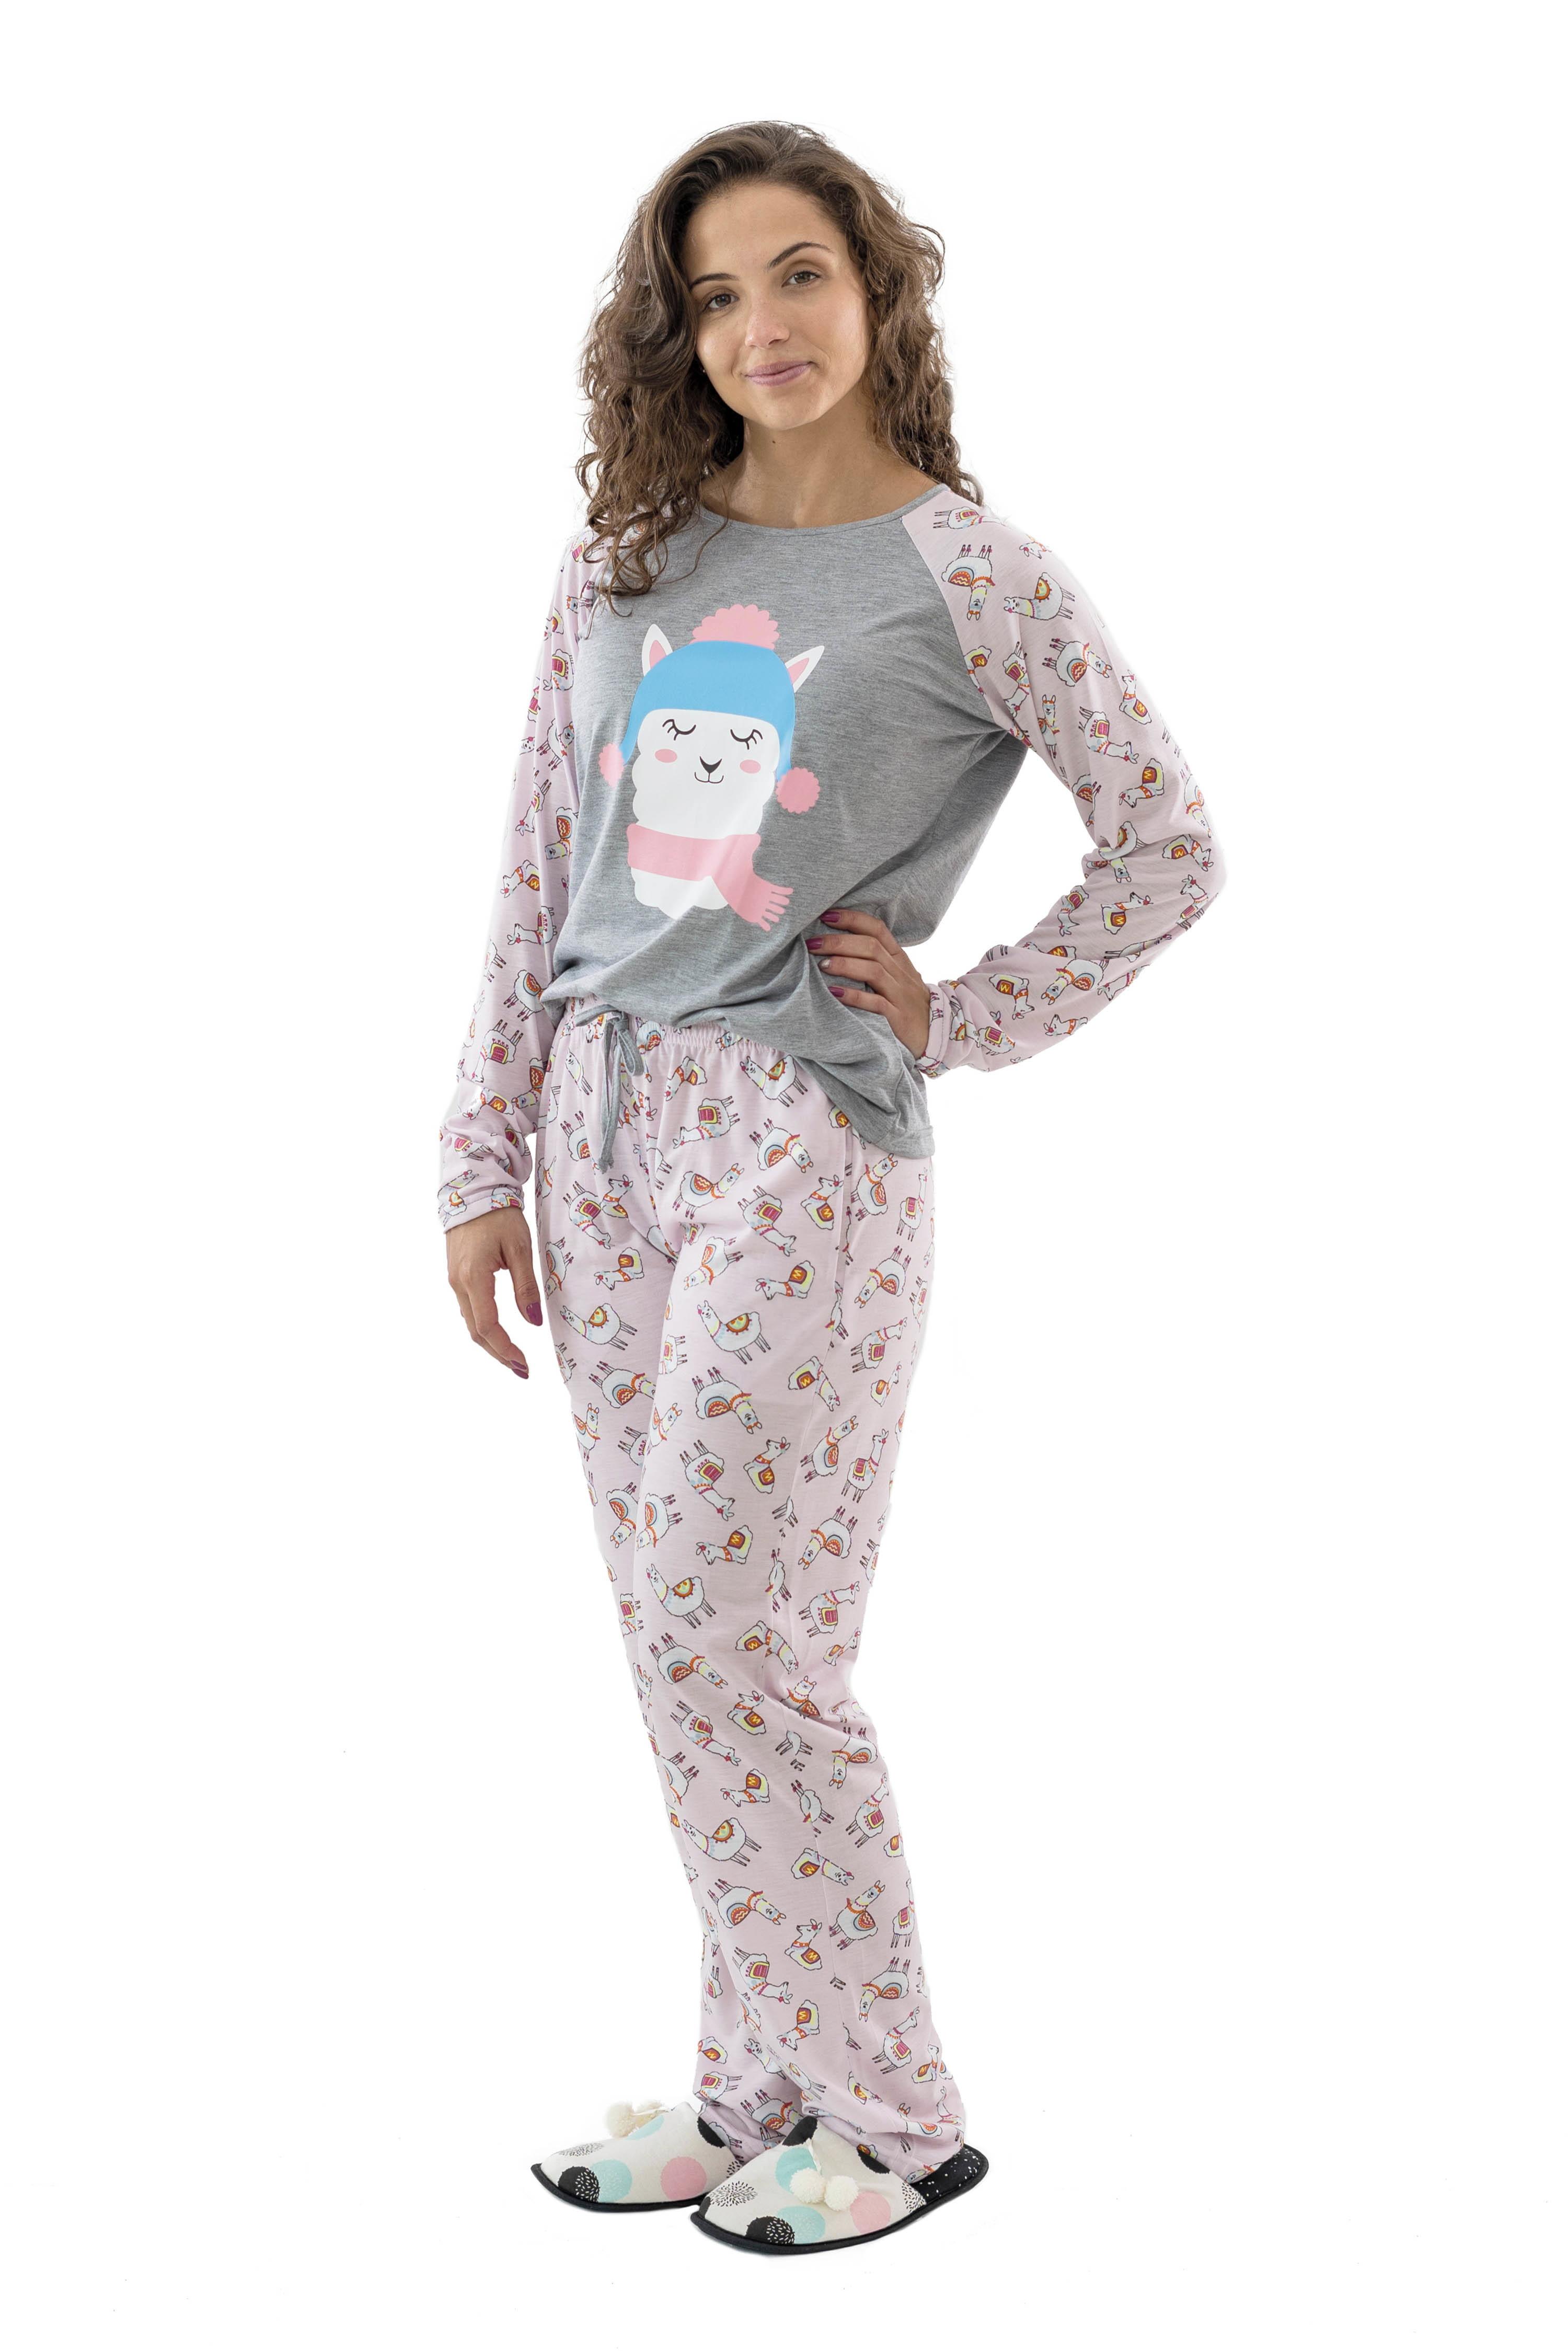 e35ea0d737ec19 Pijama Adulto Botoes Na Blusa | Elo7